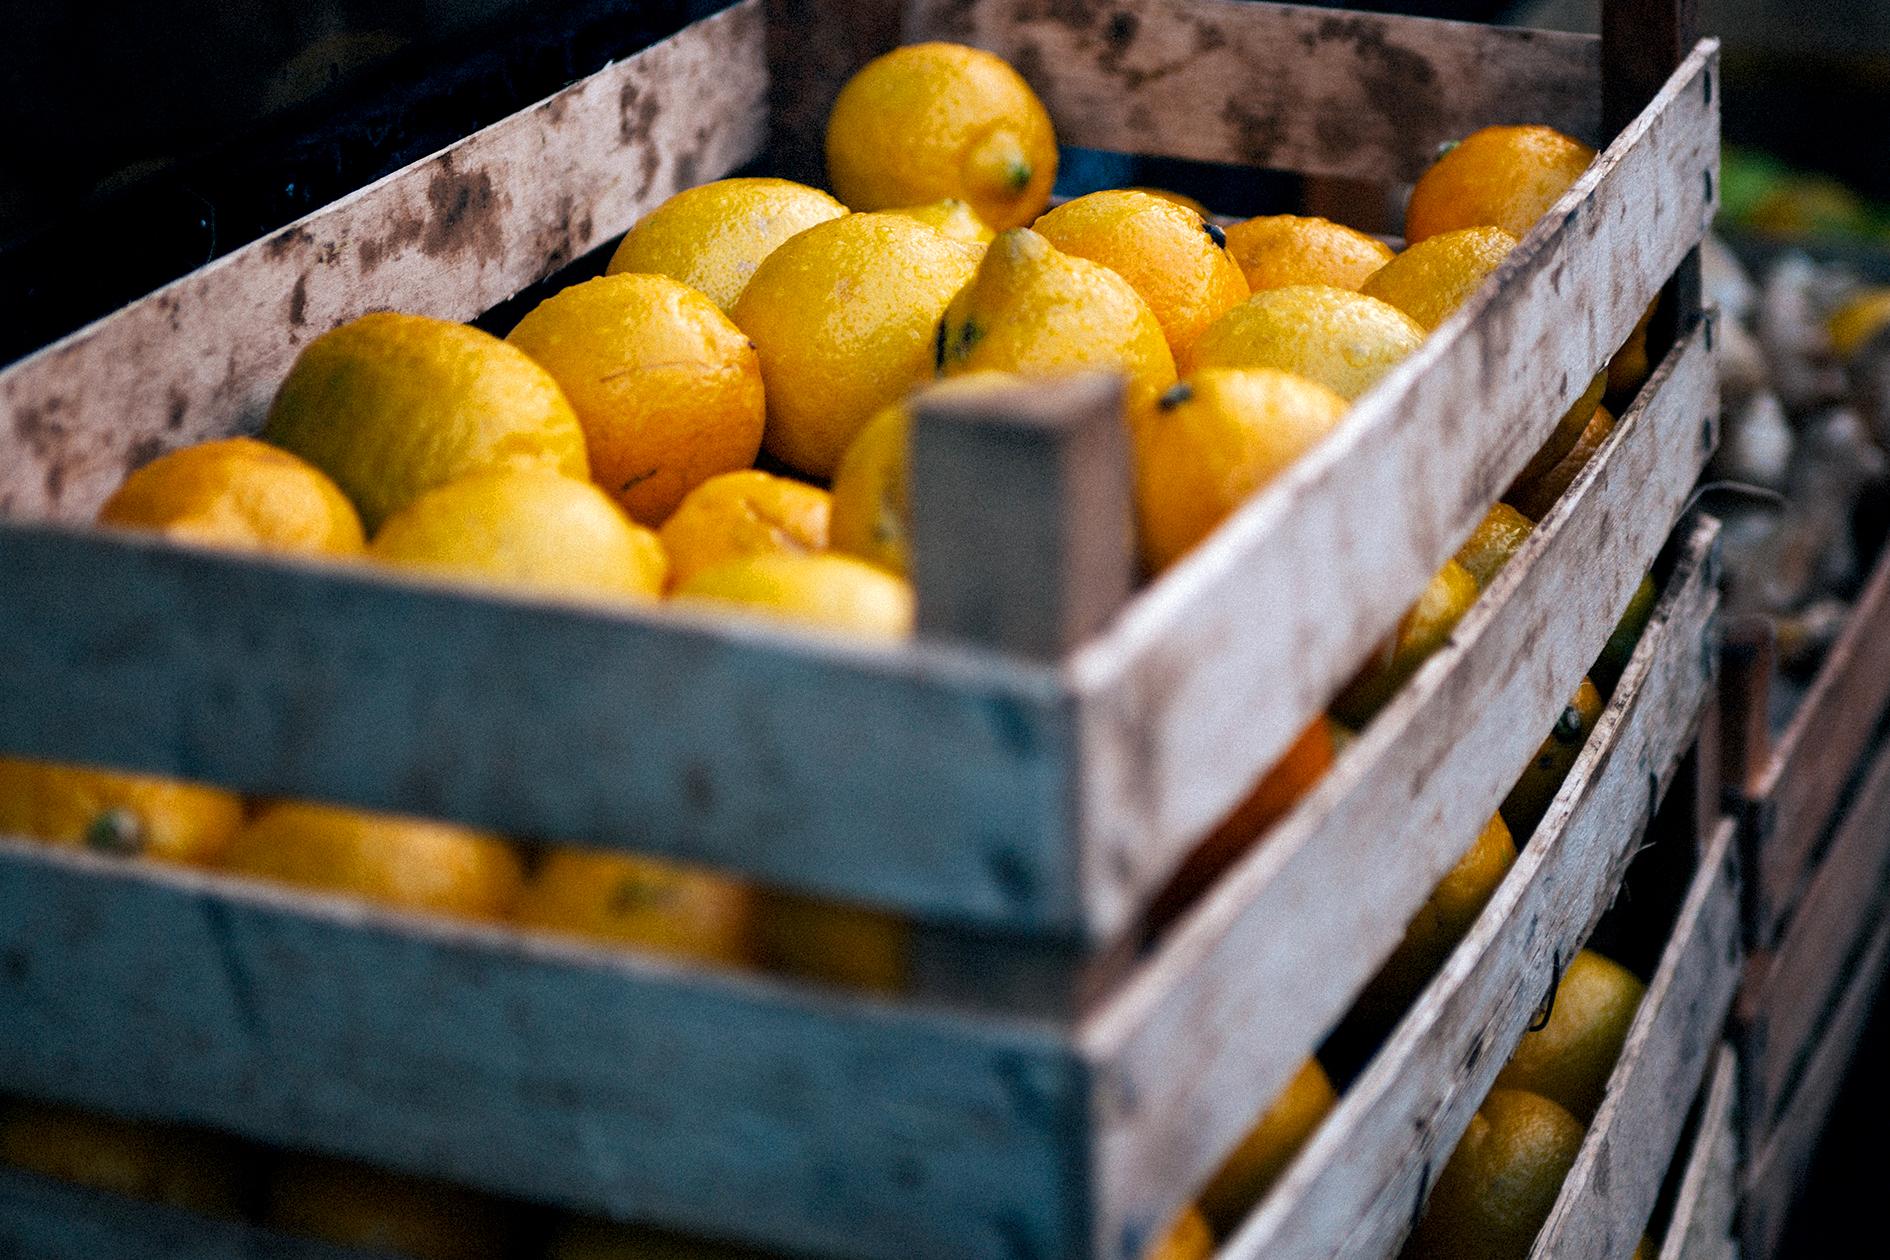 jason-b-graham-lemon-limon-0002